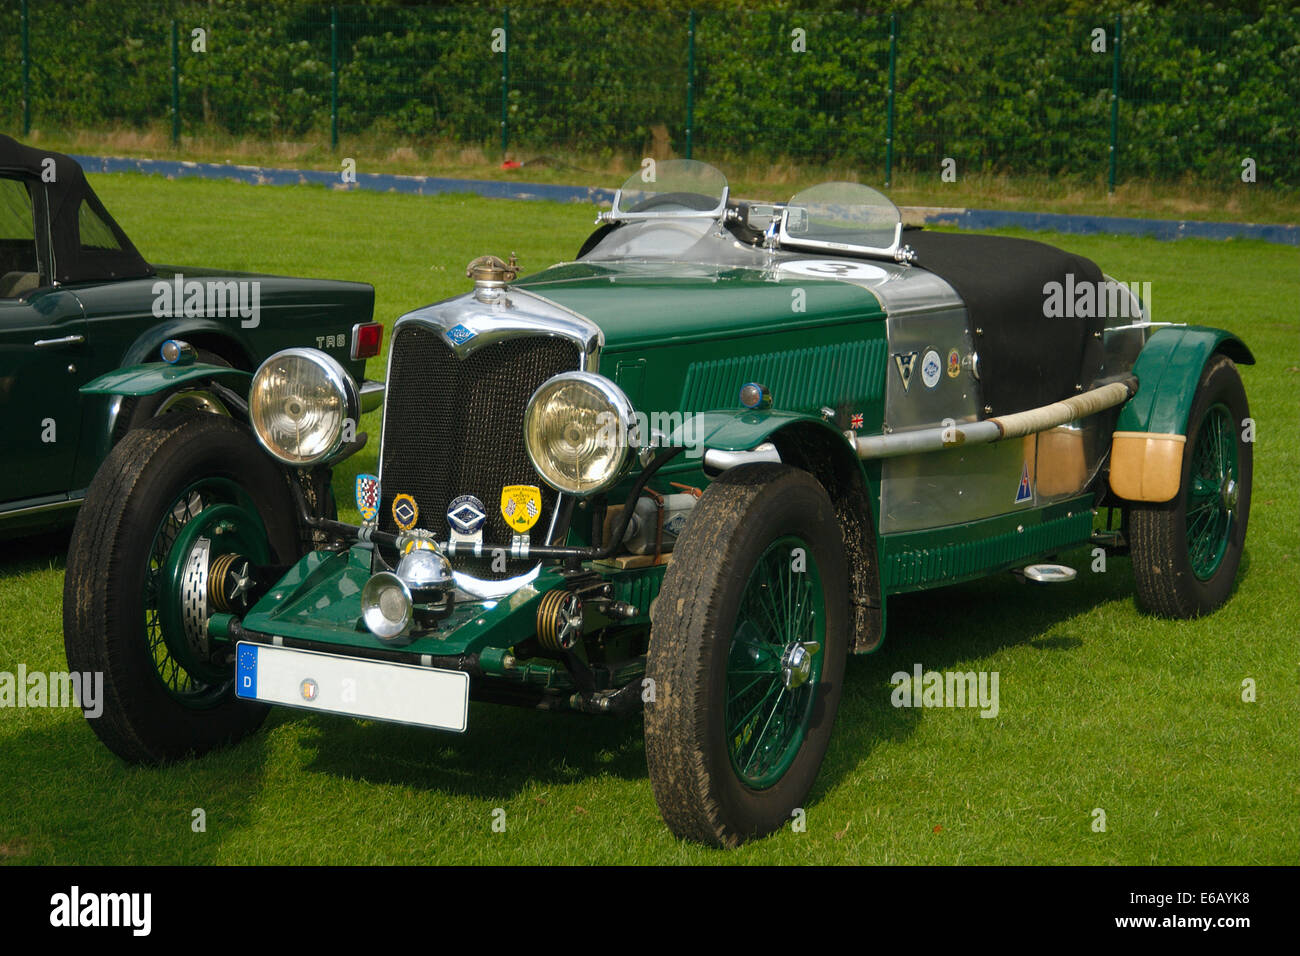 oldtimer,sports car,riley - Stock Image